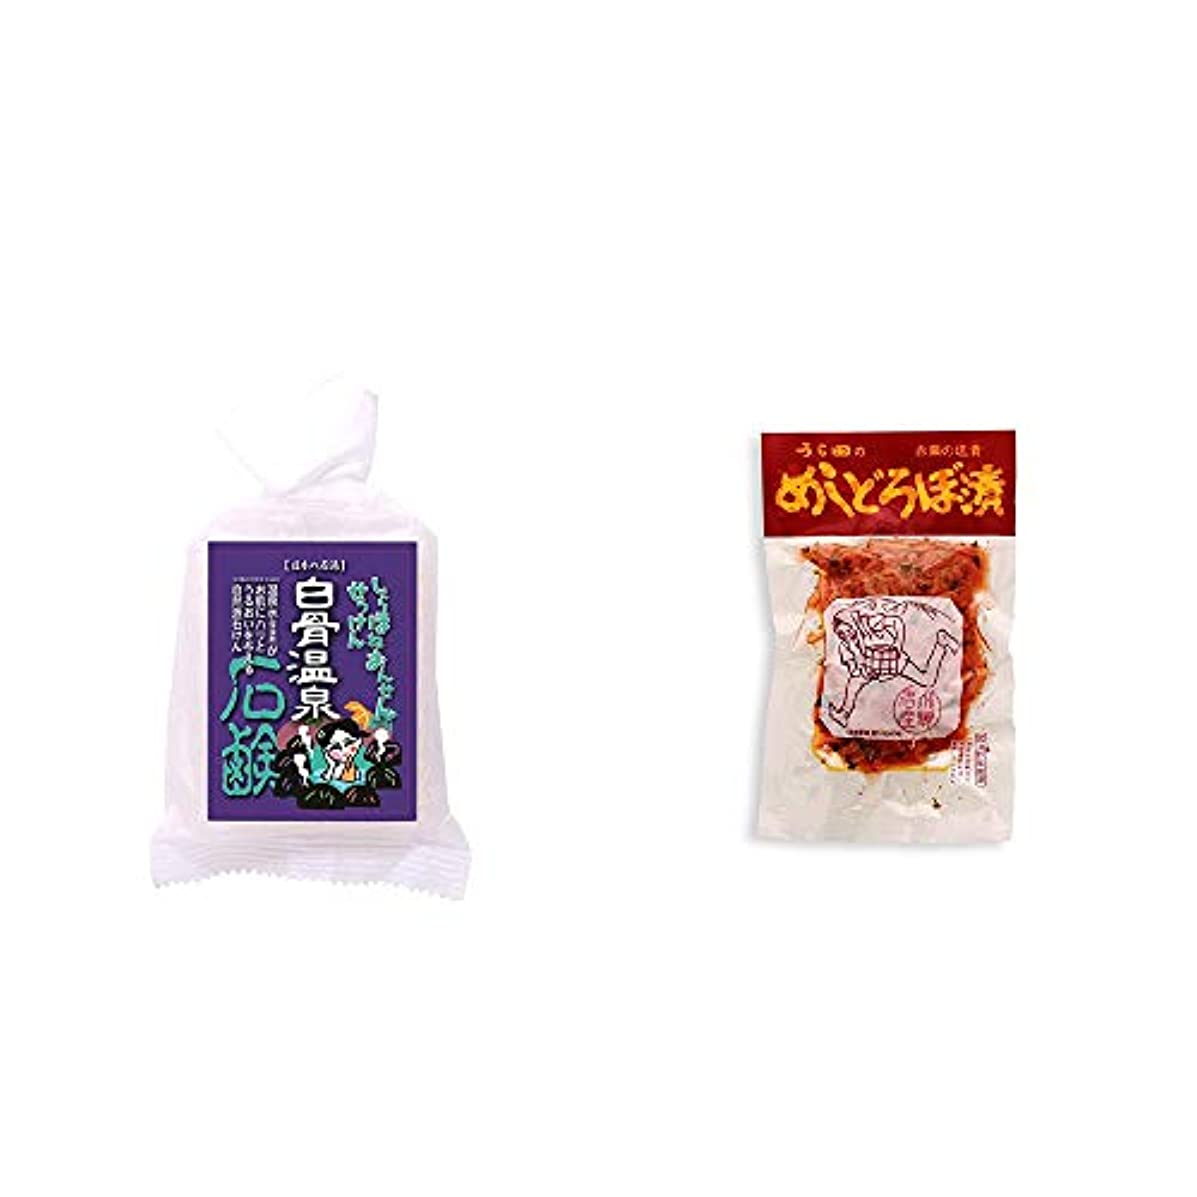 針貯水池剣[2点セット] 信州 白骨温泉石鹸(80g)?うら田 めしどろぼ漬(180g)